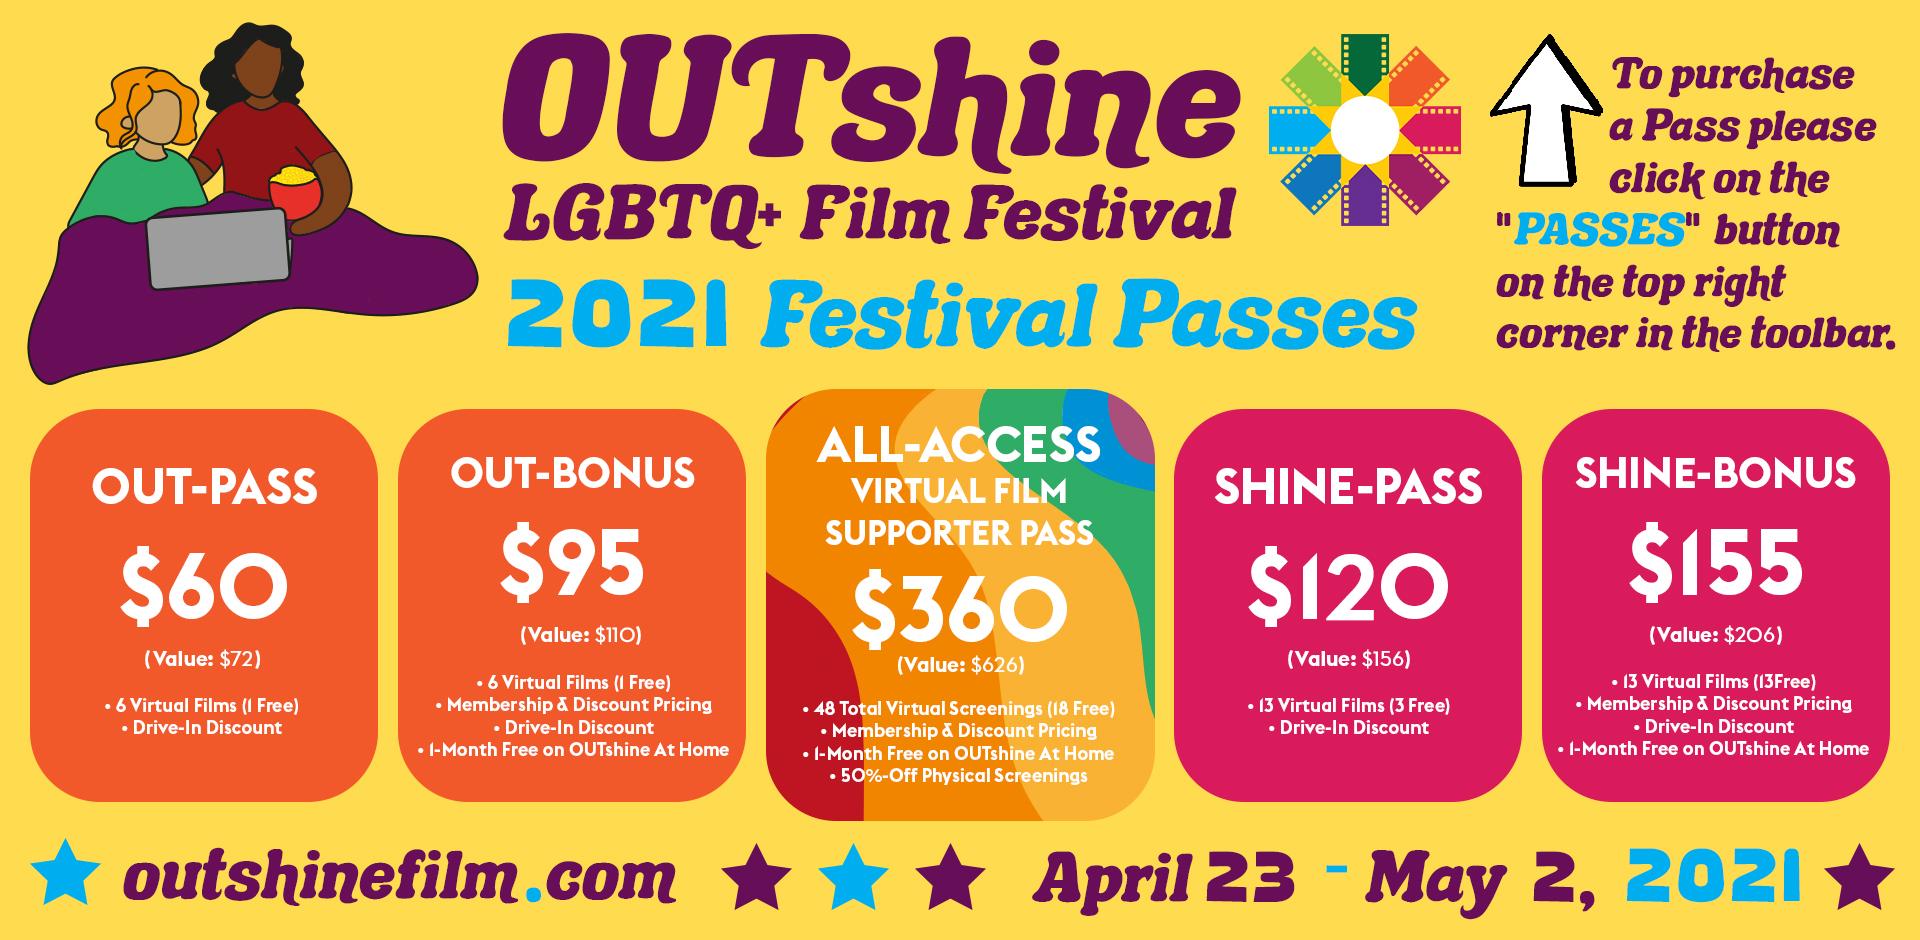 23rd Annual Miami Edition of the OUTshine LGBTQ+ Film Festival